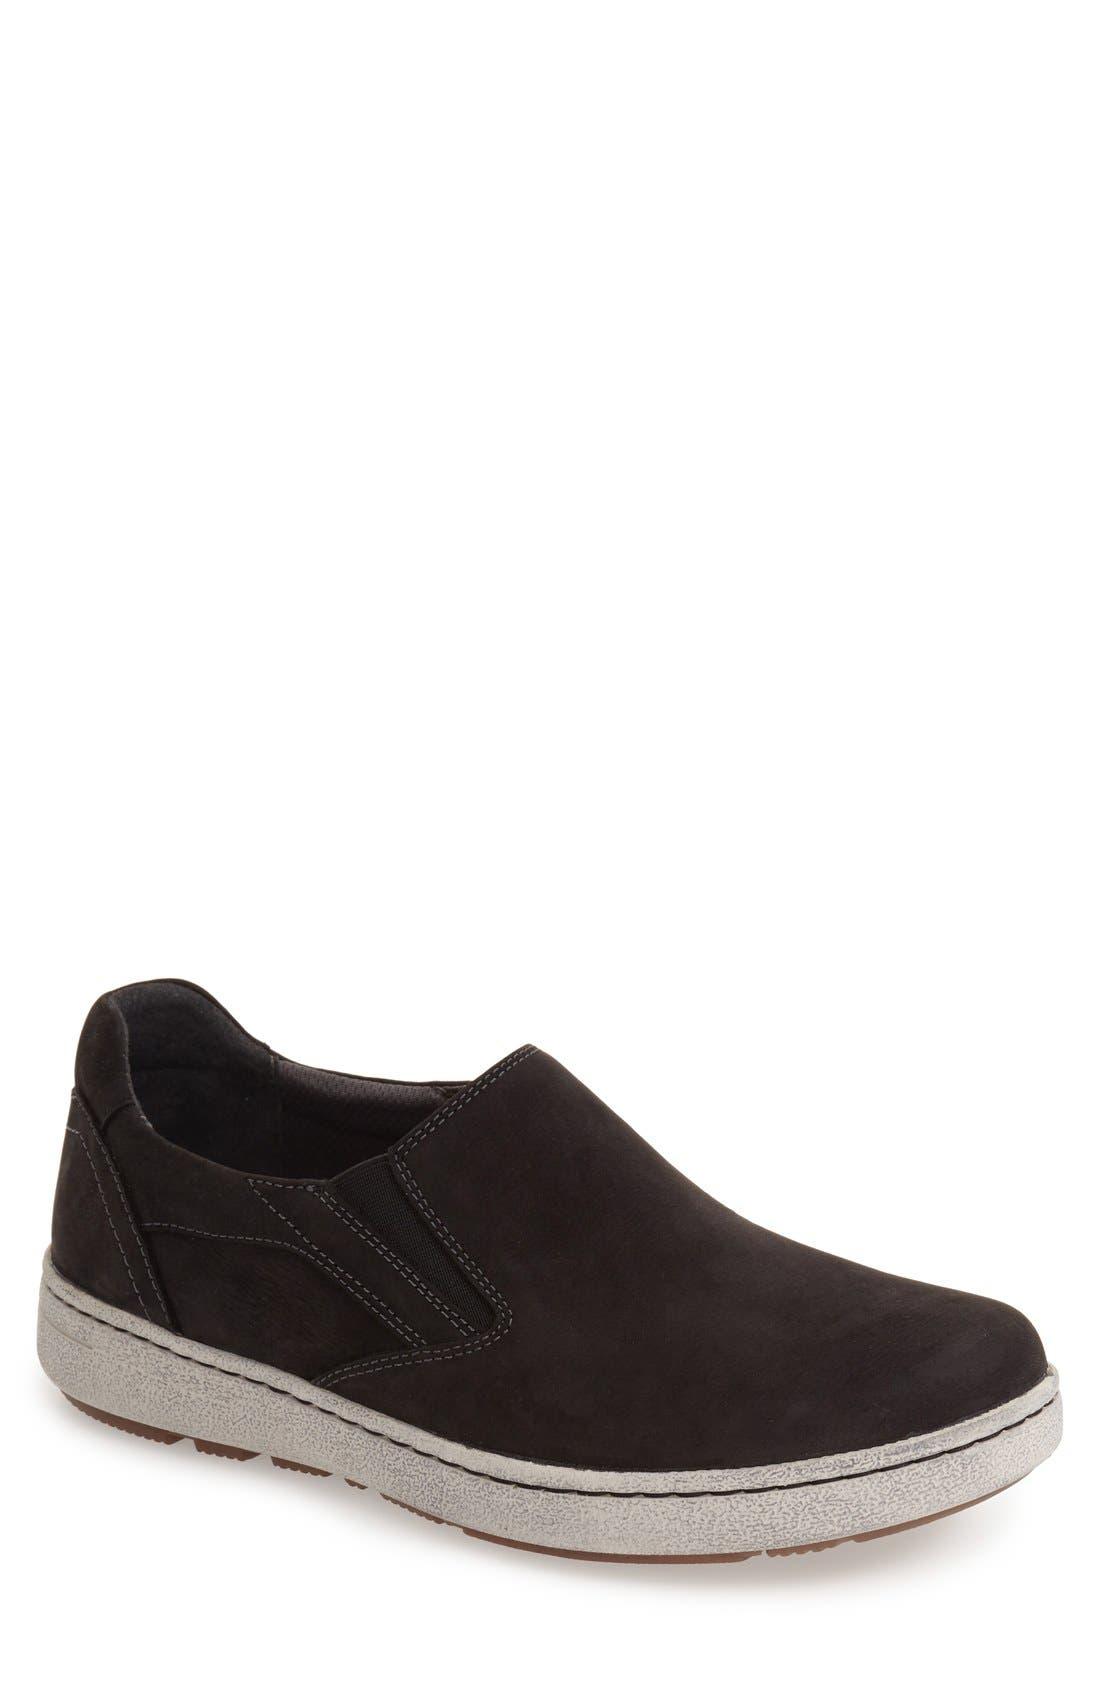 DANSKO, 'Viktor' Water Resistant Slip-On Sneaker, Main thumbnail 1, color, BLACK MILLED NUBUCK LEATHER